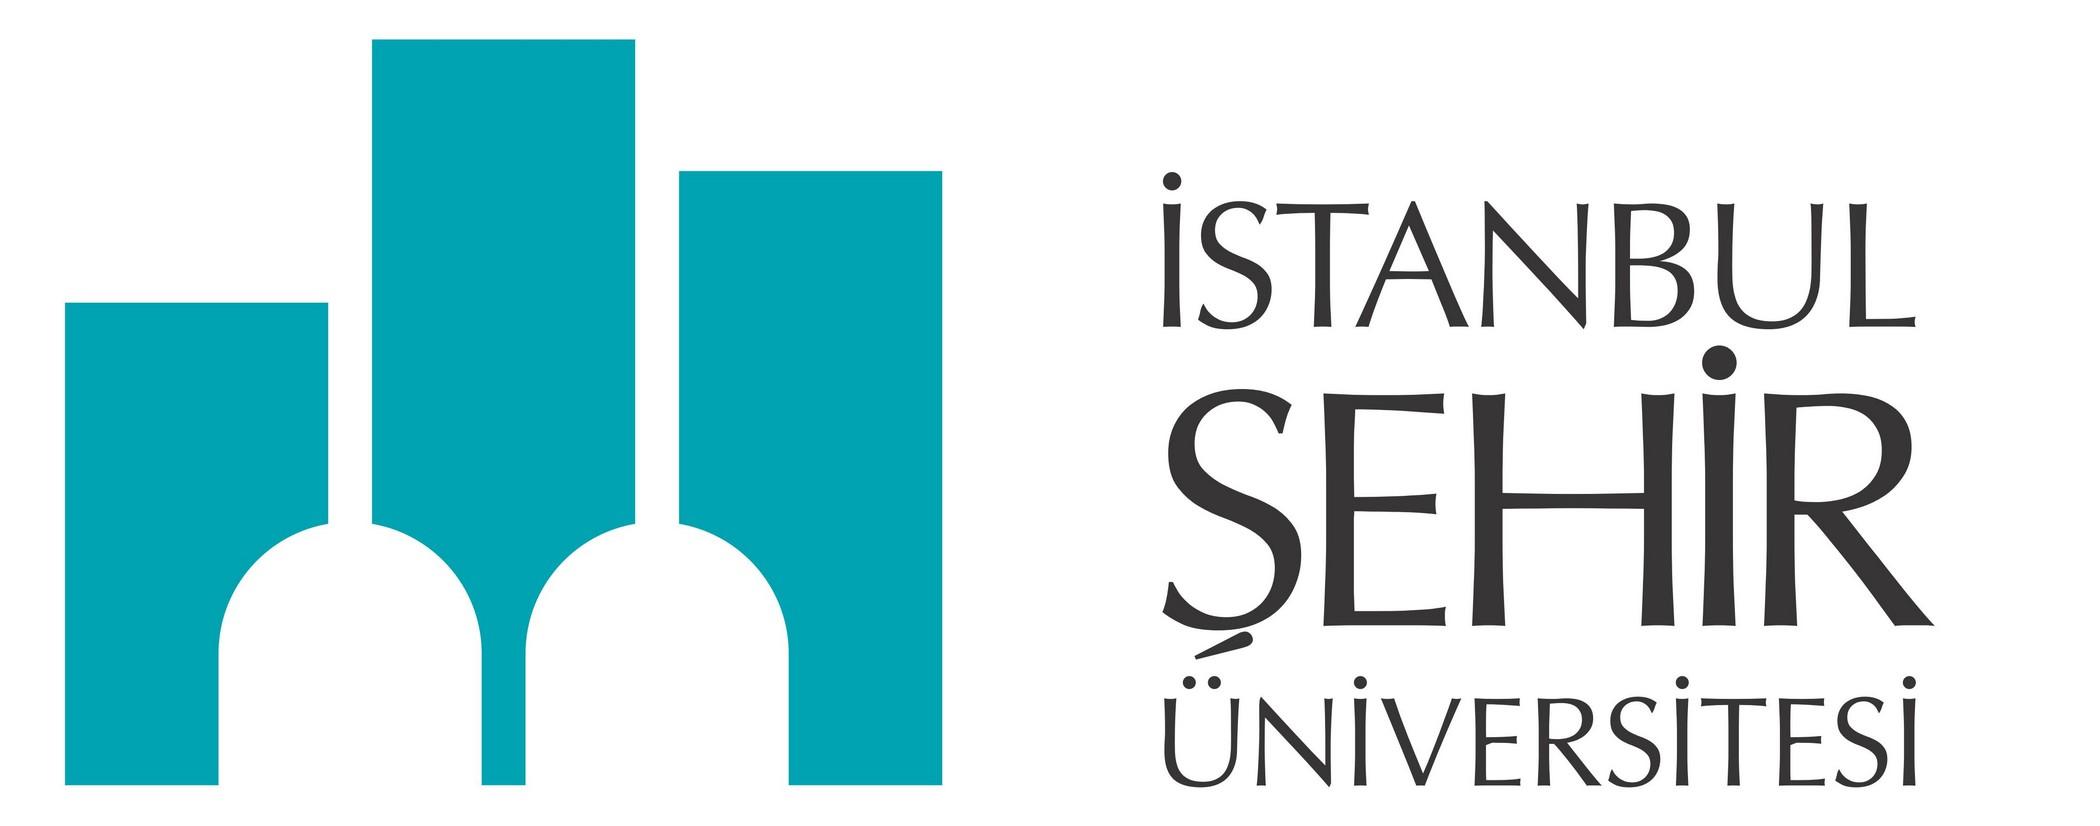 İstanbul Şehir Üniversitesi Logo png